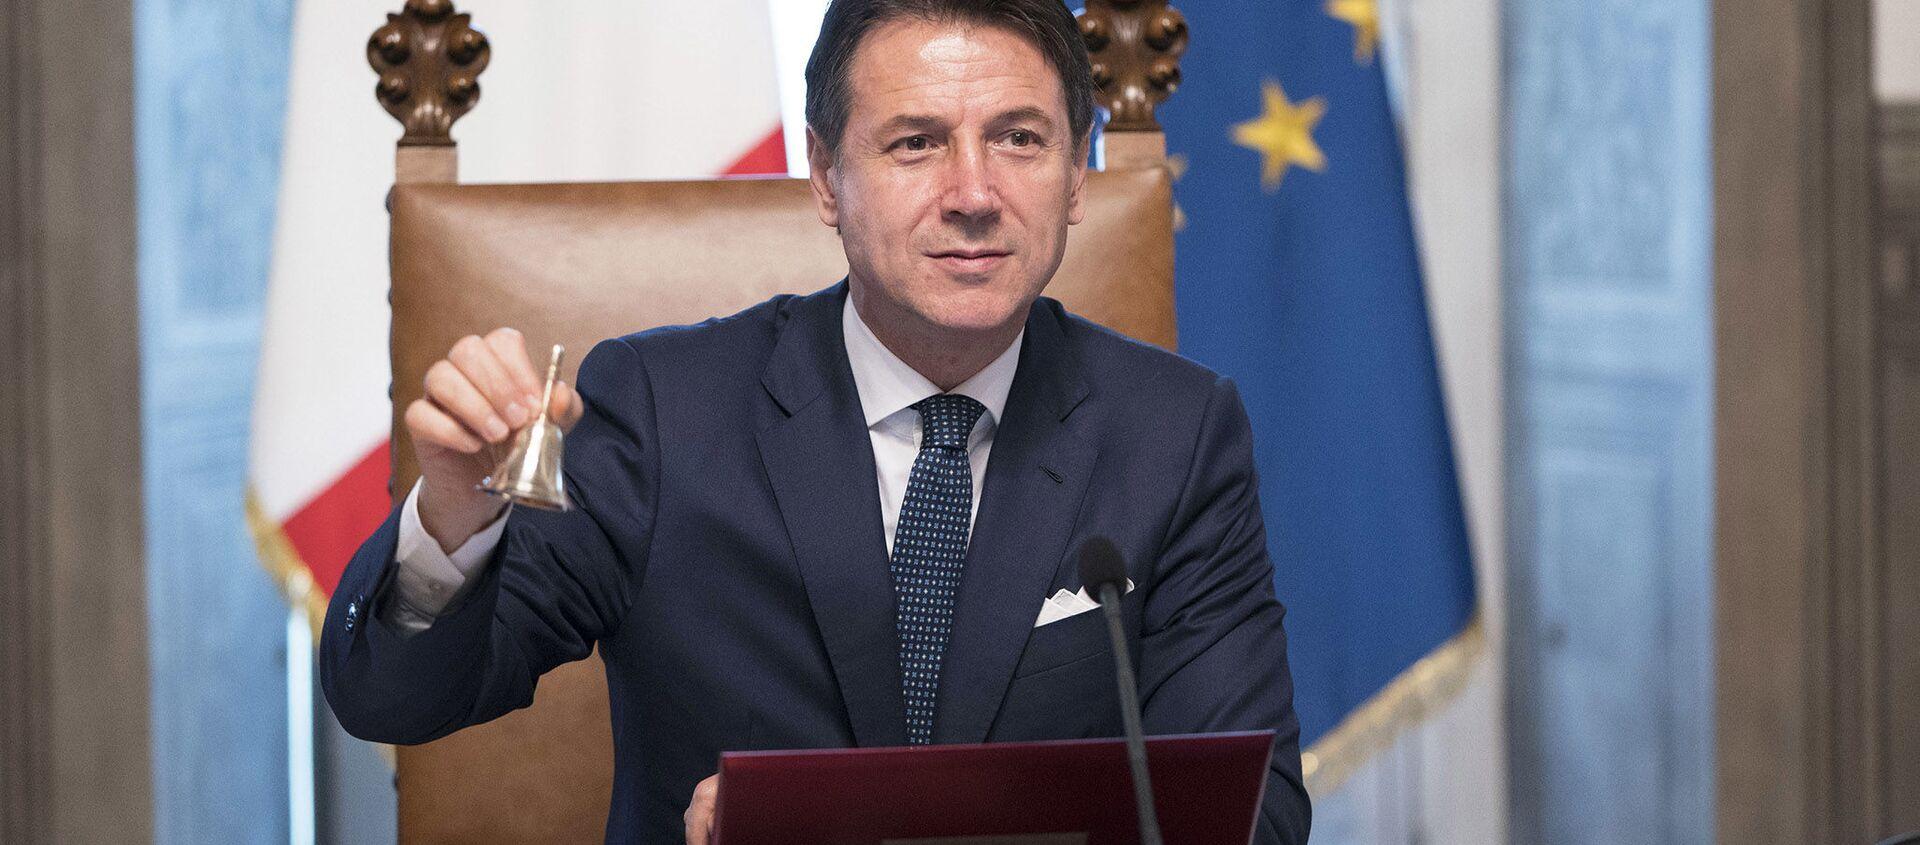 Il Presidente del Consiglio Giuseppe Conte - Sputnik Italia, 1920, 28.01.2021